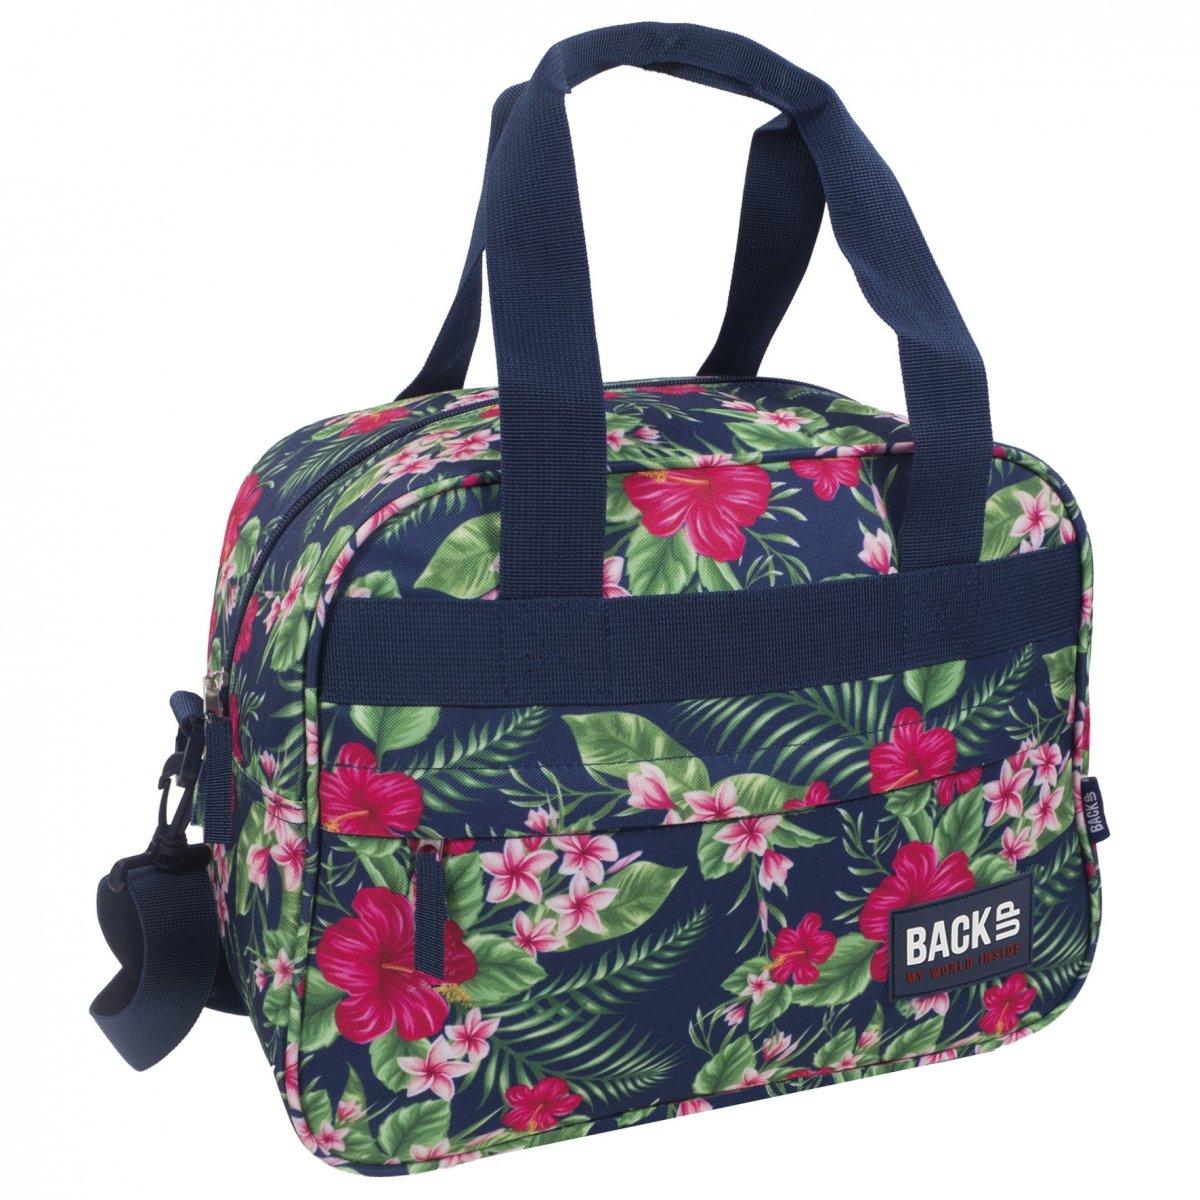 e35c0d2255ba3 Torba podróżna, sportowa Back UP różowe kwiaty na granatowym tle TROPICAL  FLOWERS (TPB1A12)